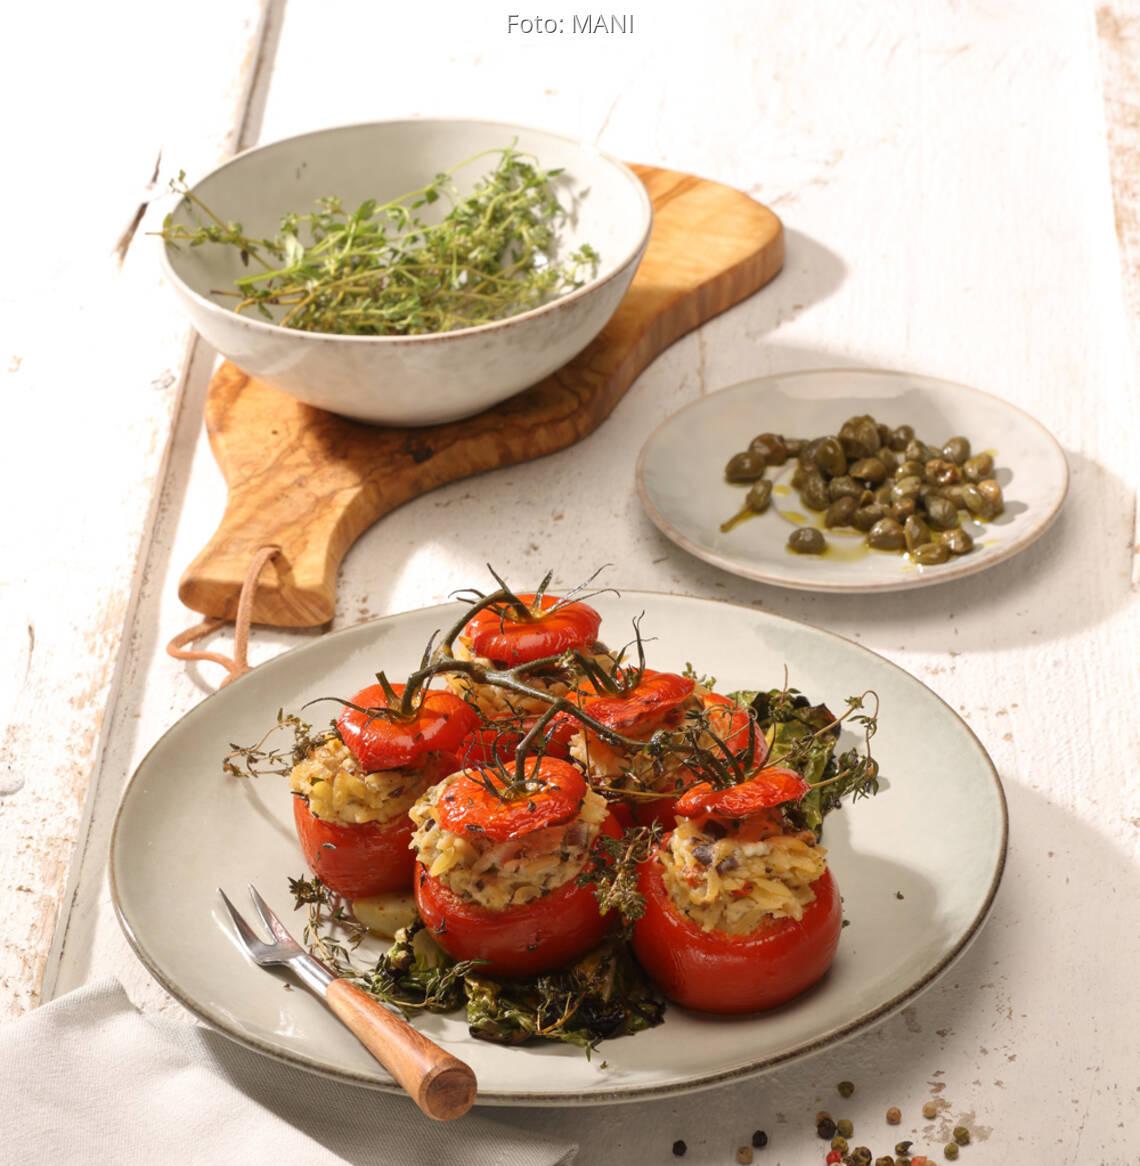 Gefüllte Tomaten auf weißem Teller mit Salat und Kapern auf kleinem Teller